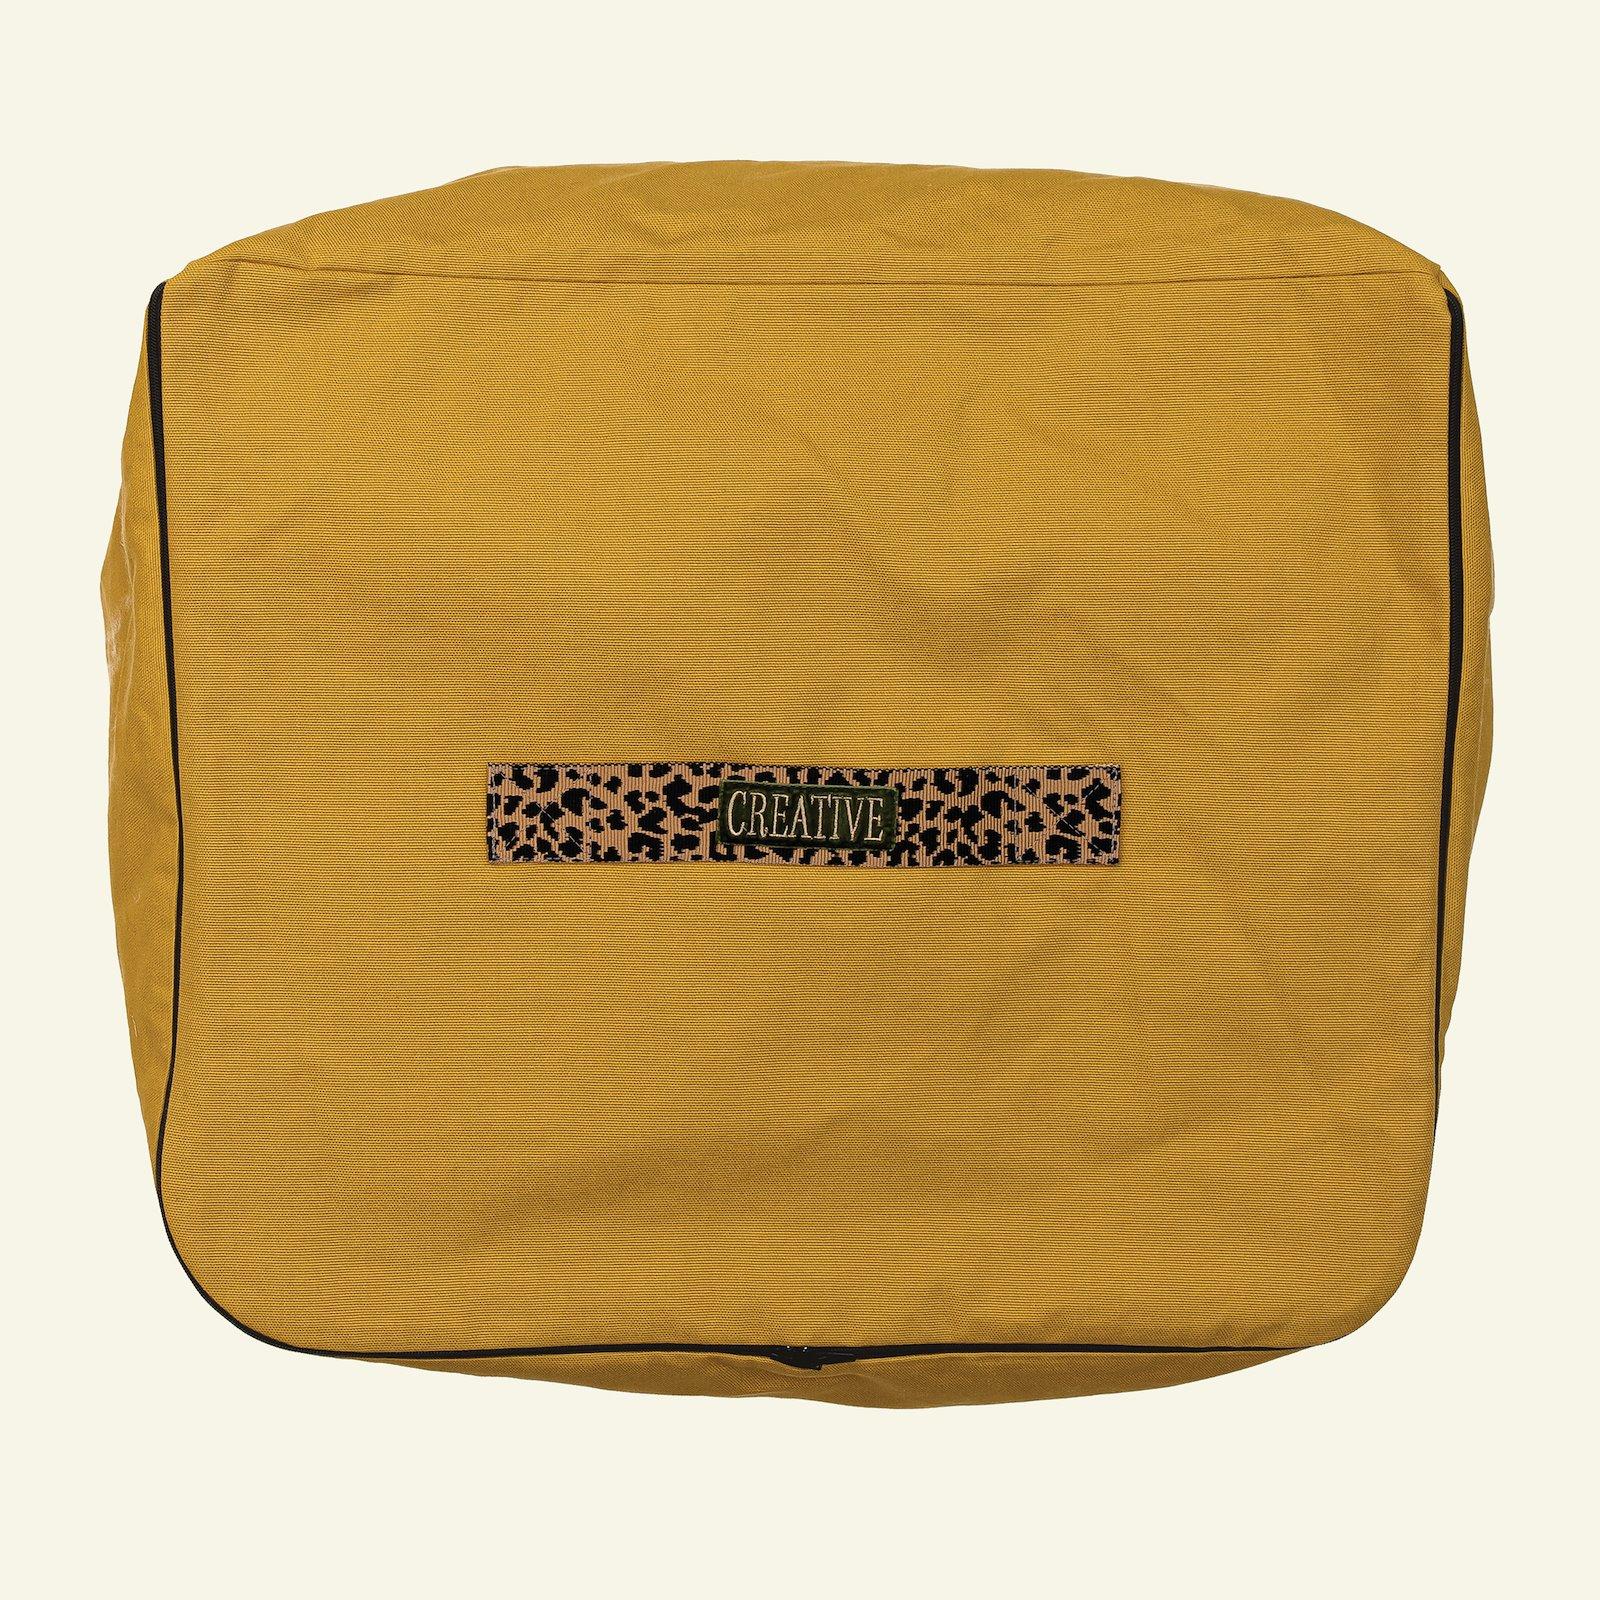 Ribbon 38mm leopard sand/black 2m p90327_780261_21458_21398_sskit